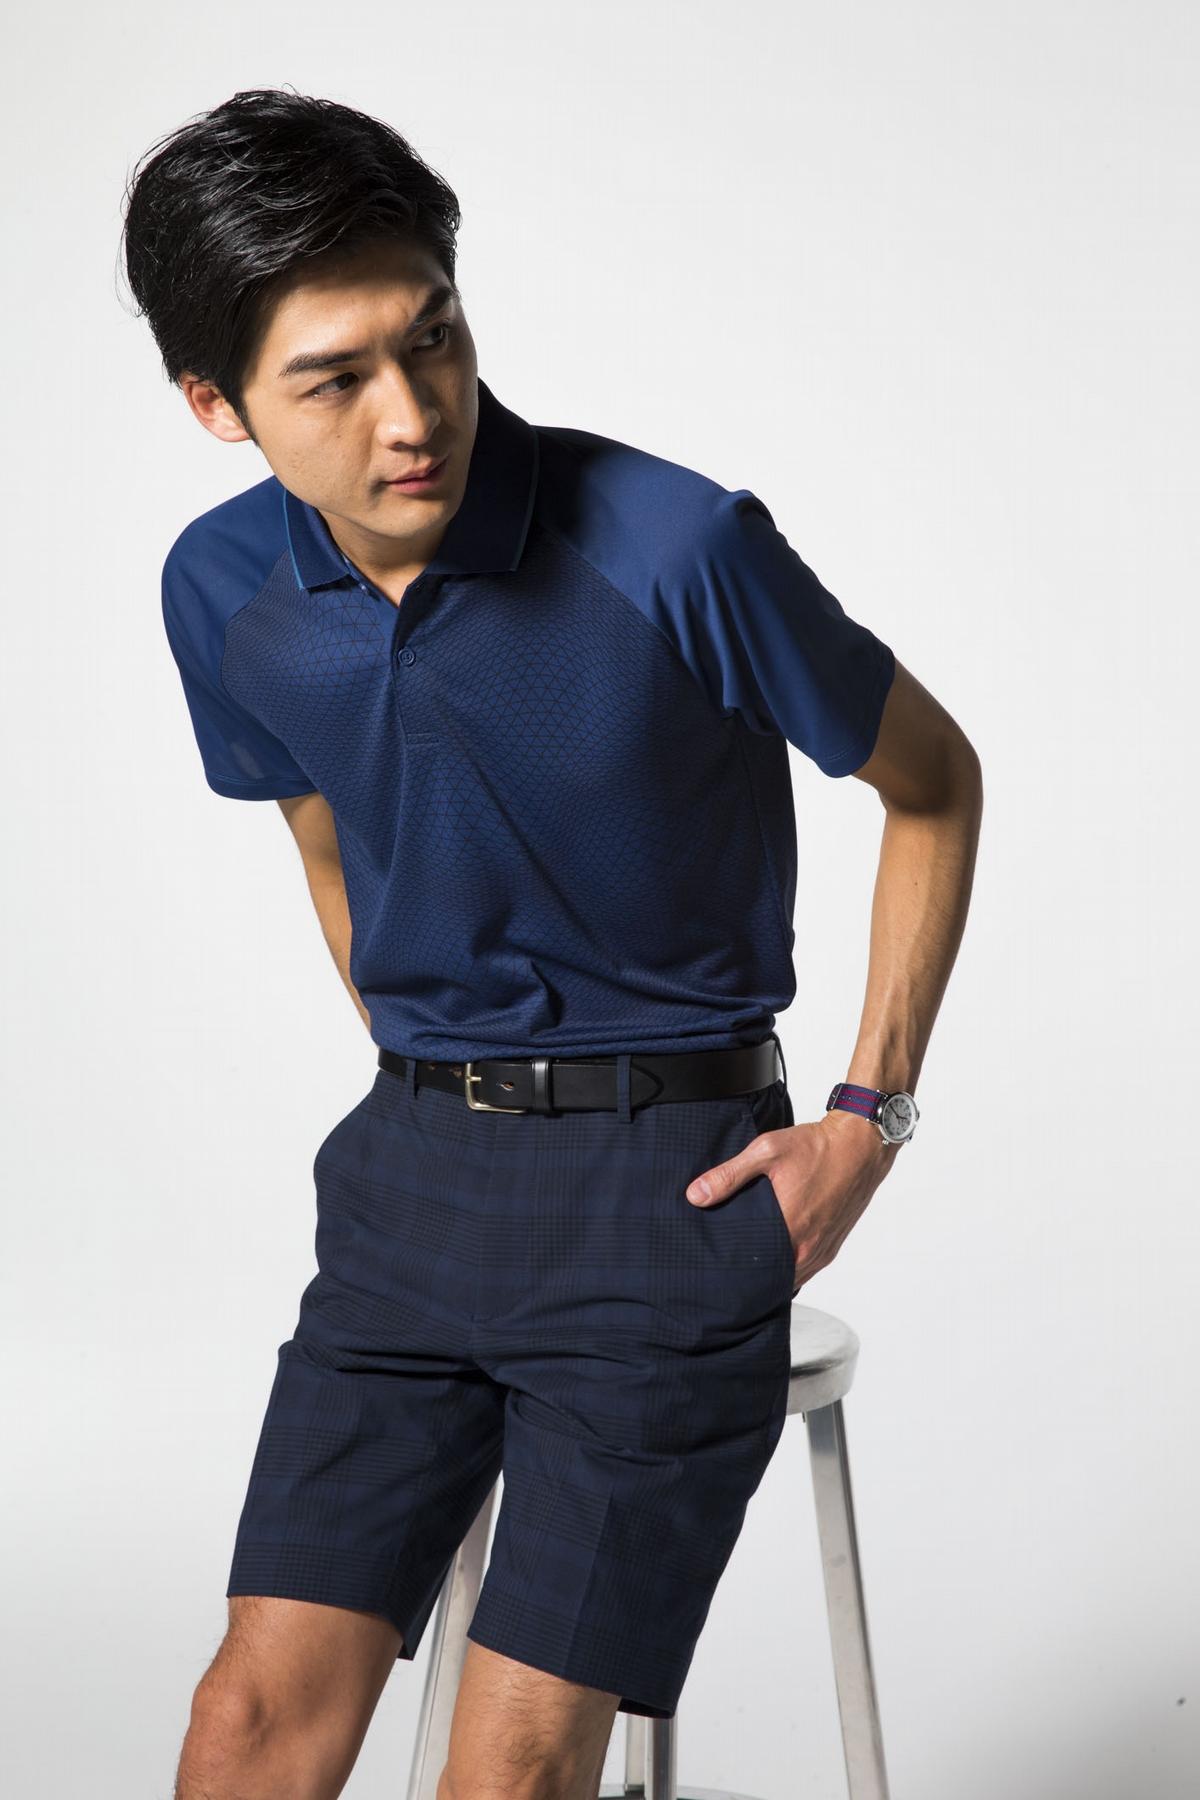 UNIQLO涼夏職男新穿搭 再熱也舒適有型!